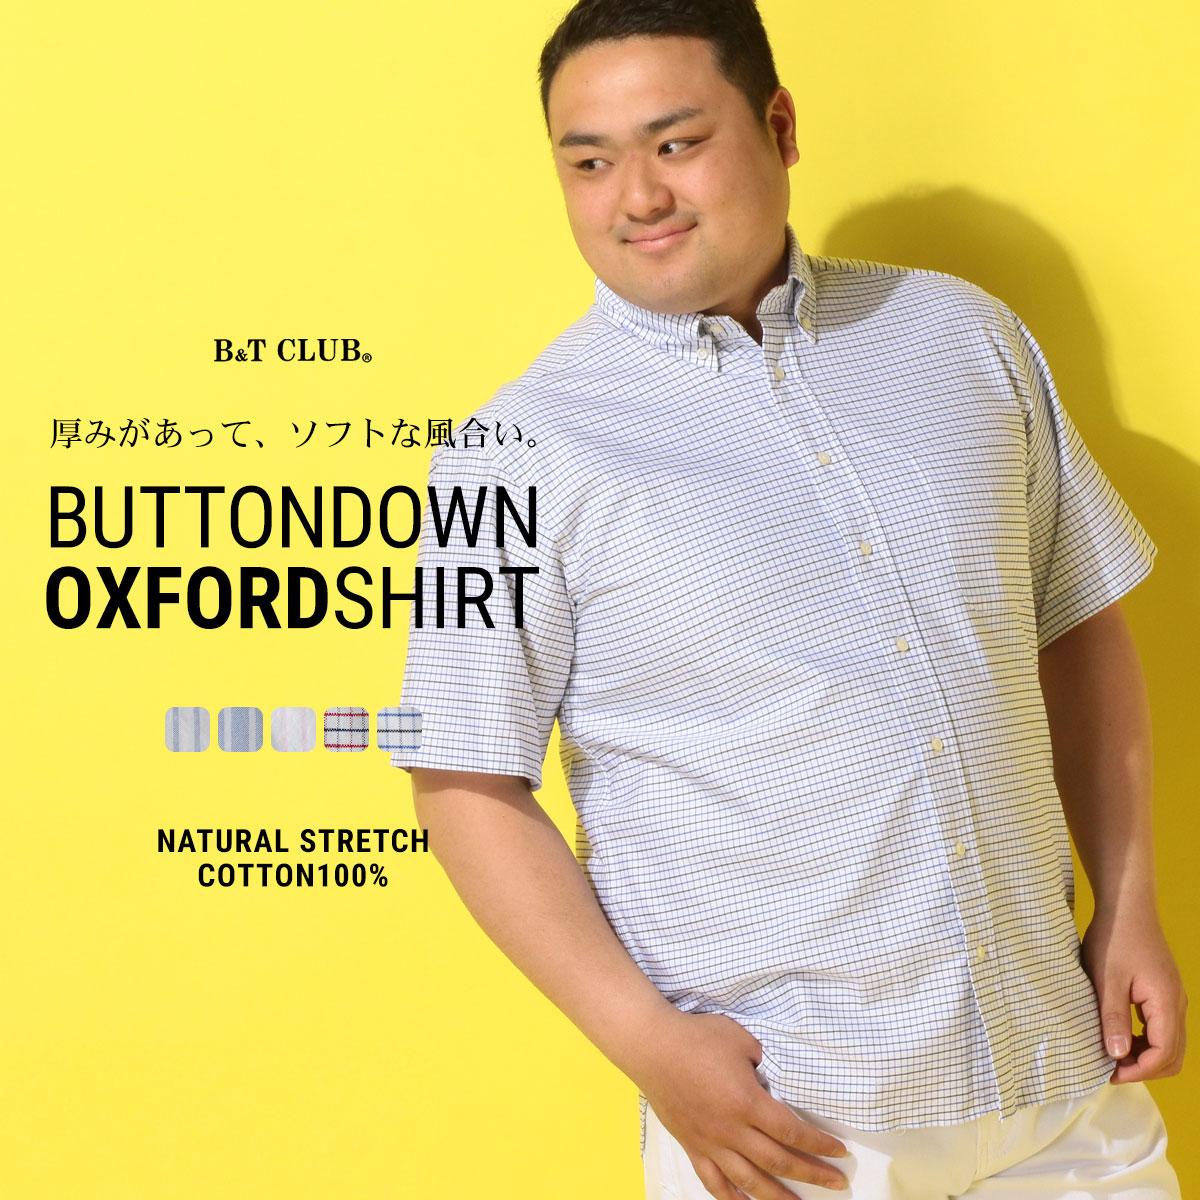 半袖シャツ 大きいサイズ メンズ 綿100% ストレッチ ストライプ&チェック ボタンダウン 2L-10L B&T CLUB